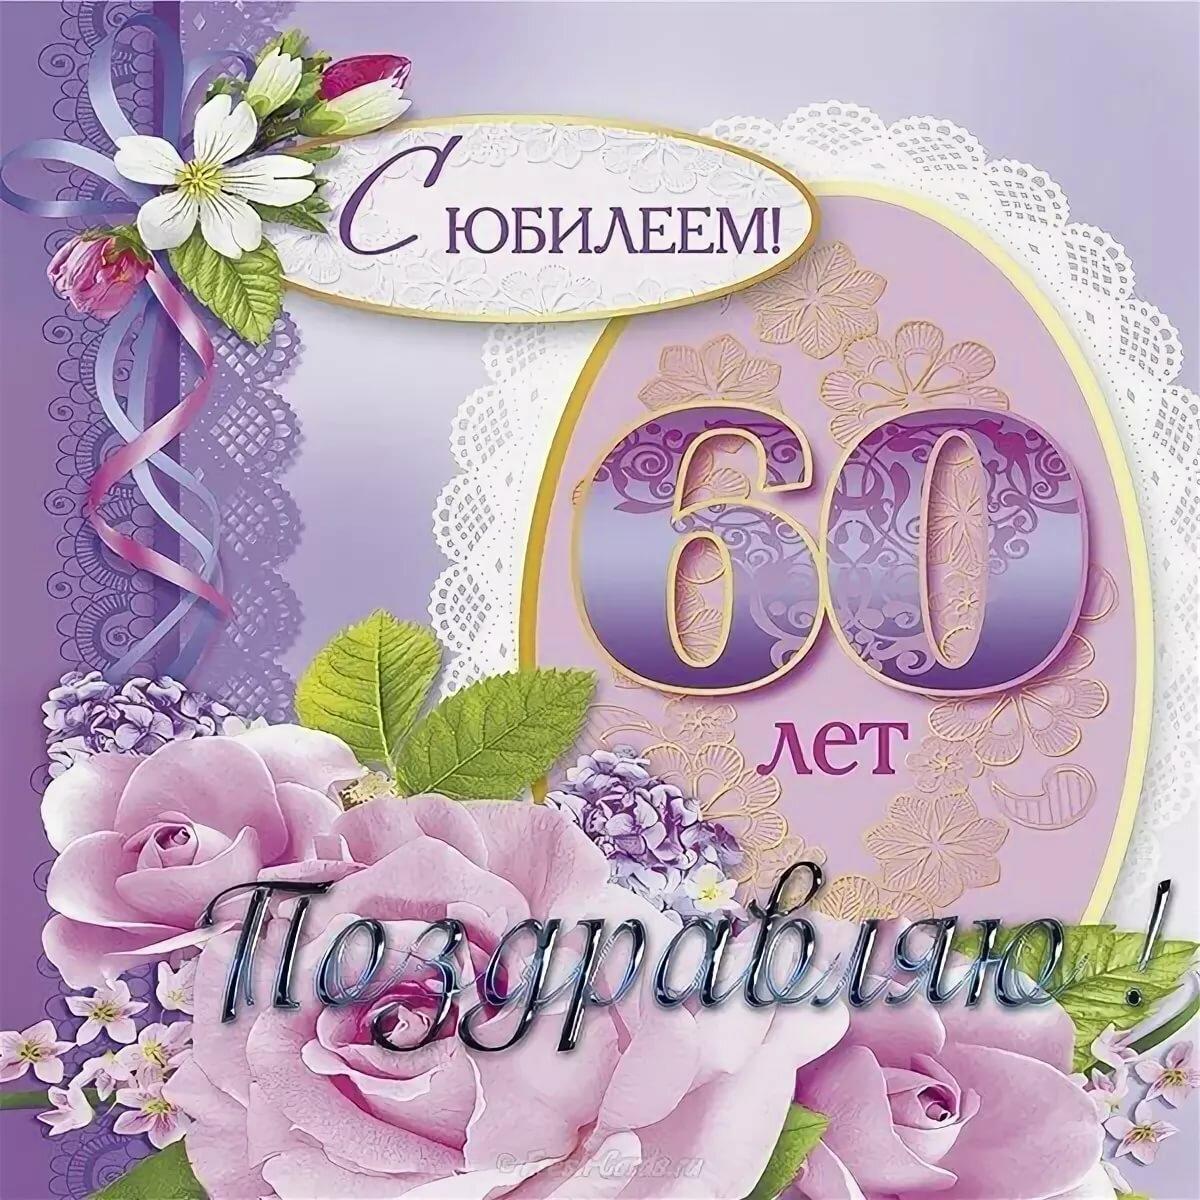 Большое, подписать открытку с юбилеем мужчине 60 лет